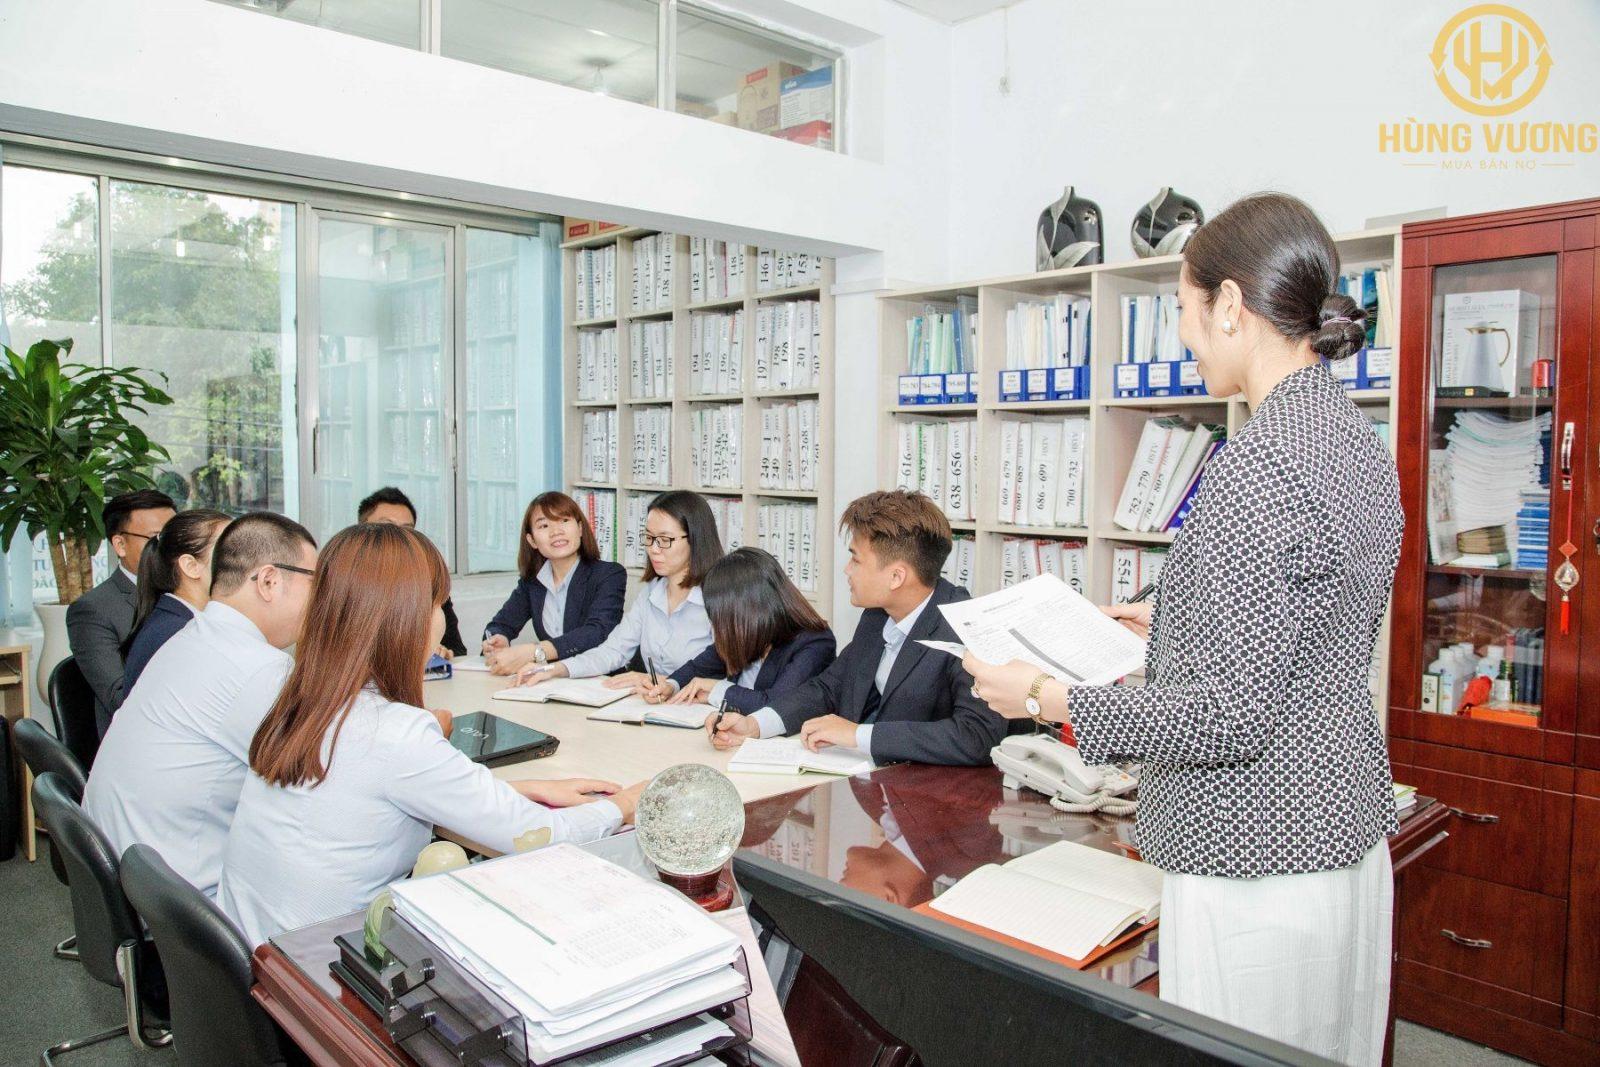 Mua bán nợ là gì? Một số điều kiện đối với doanh nghiệp thực hiện hoạt động mua bán nợ và liên quan .